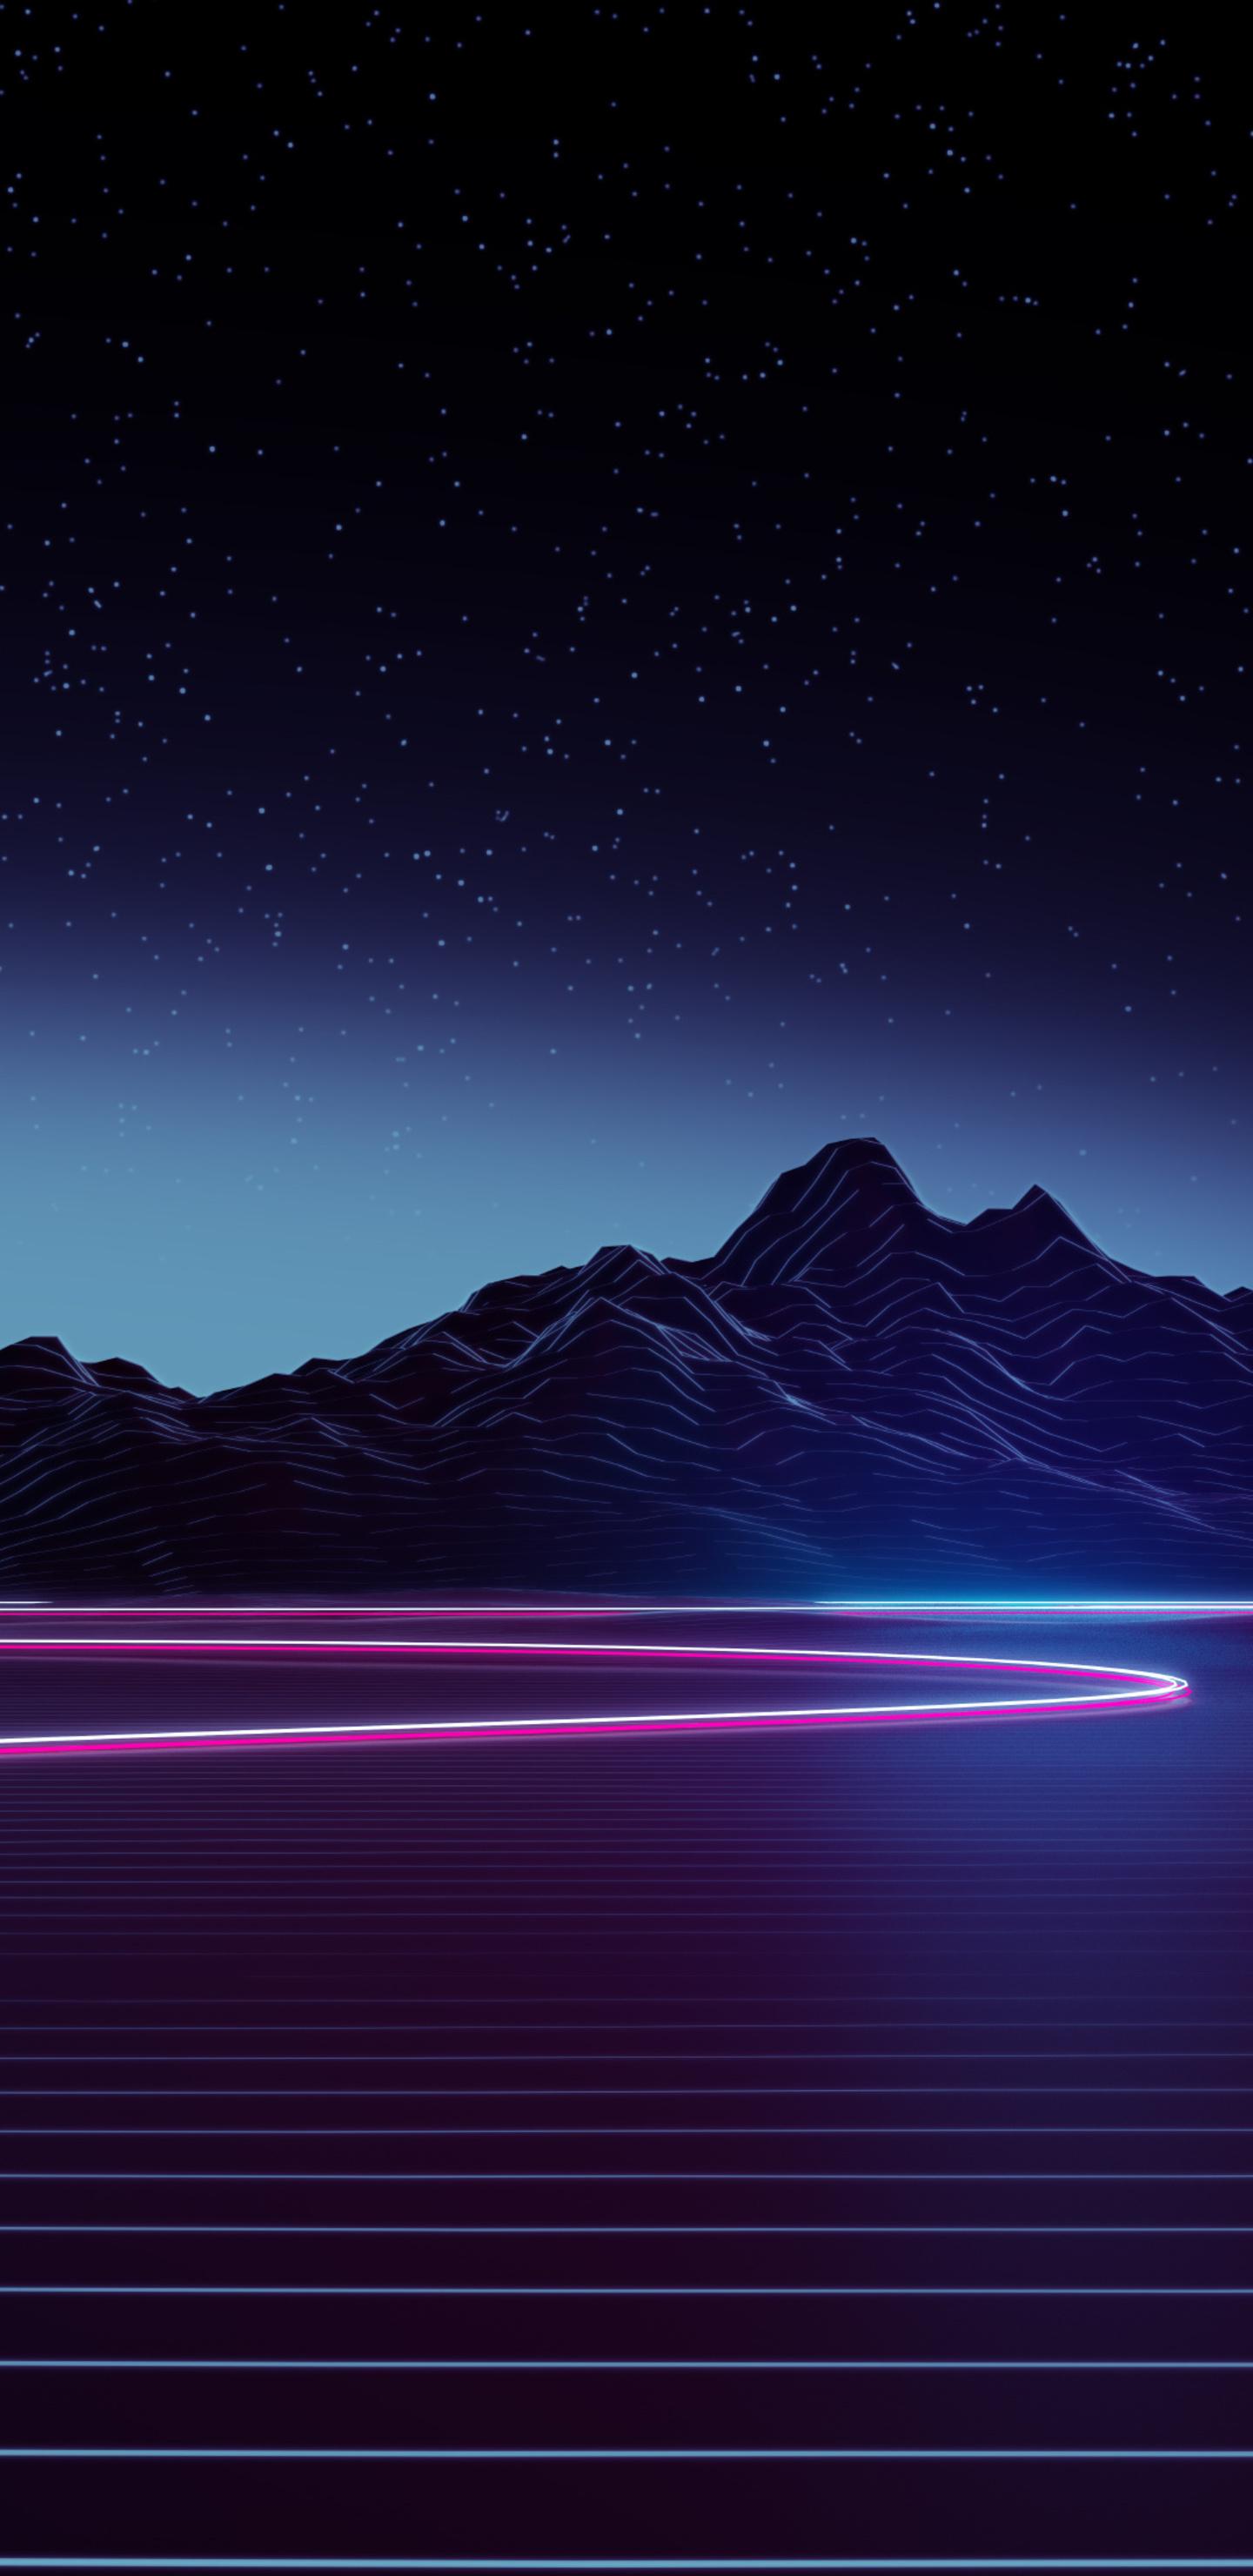 1440x2960 Neon Highway 4k Samsung Galaxy Note 9,8, S9,S8 ...